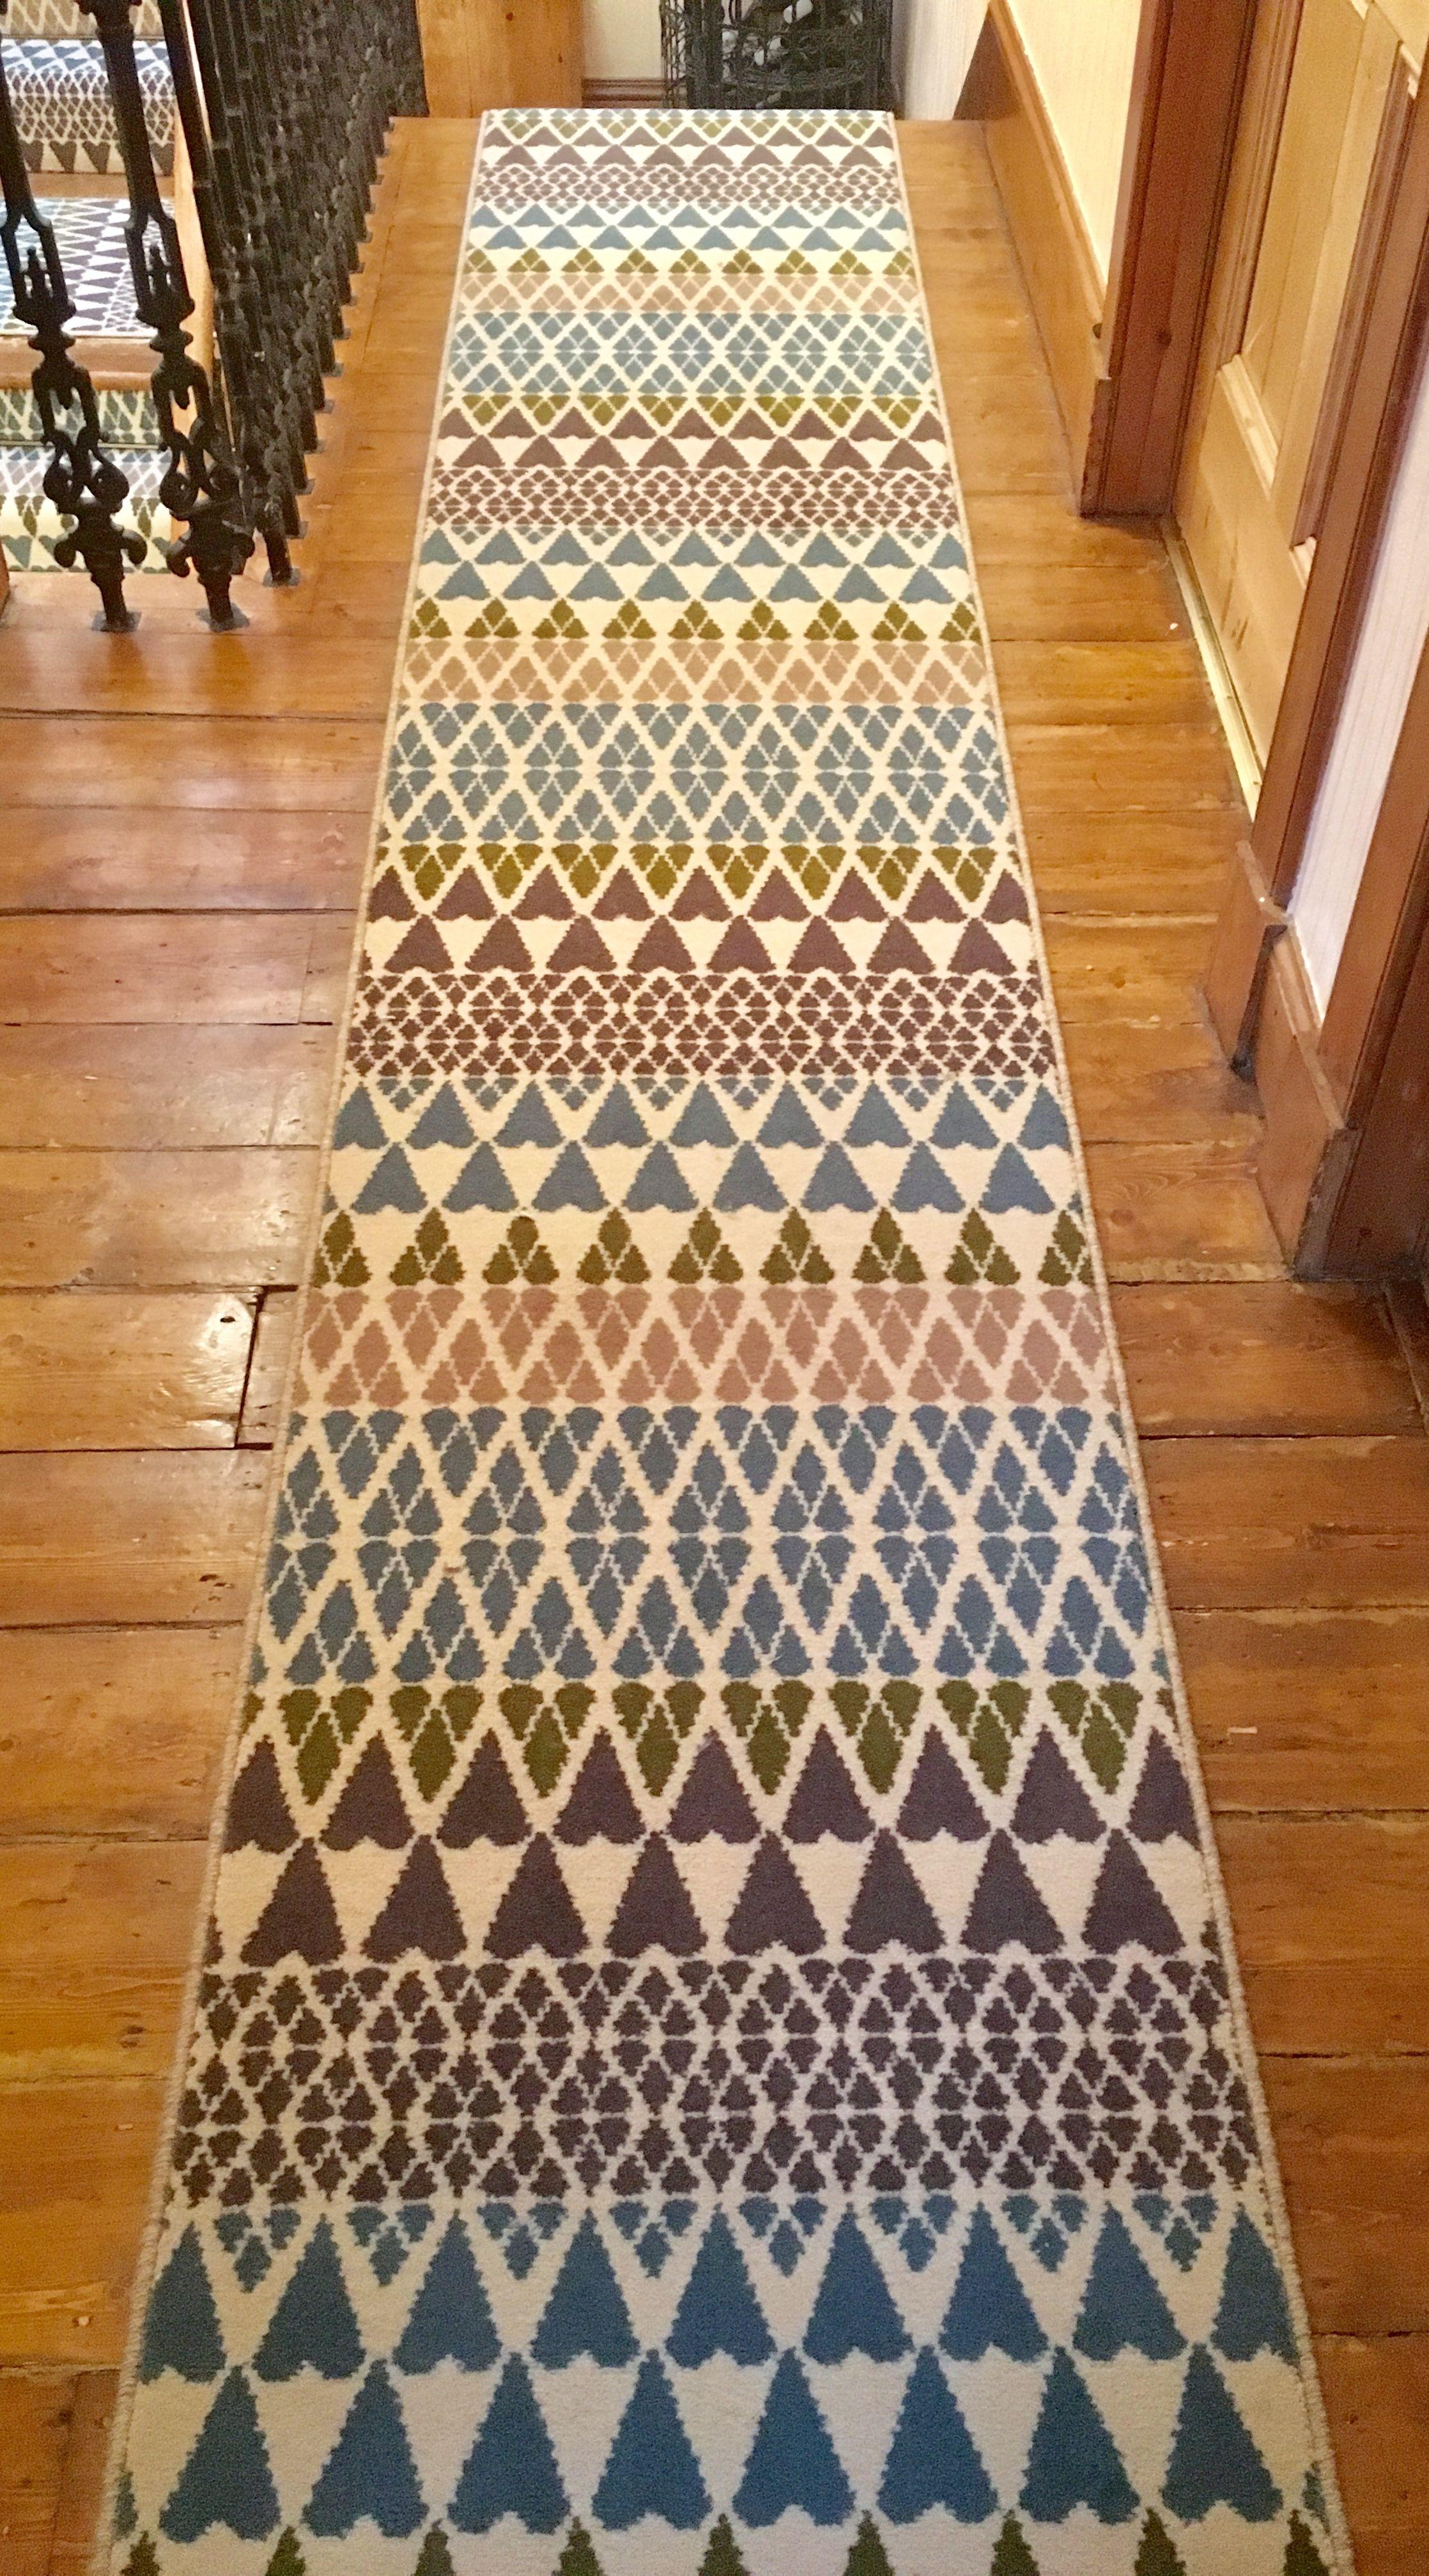 Alternative flooring quirky b Alternative flooring